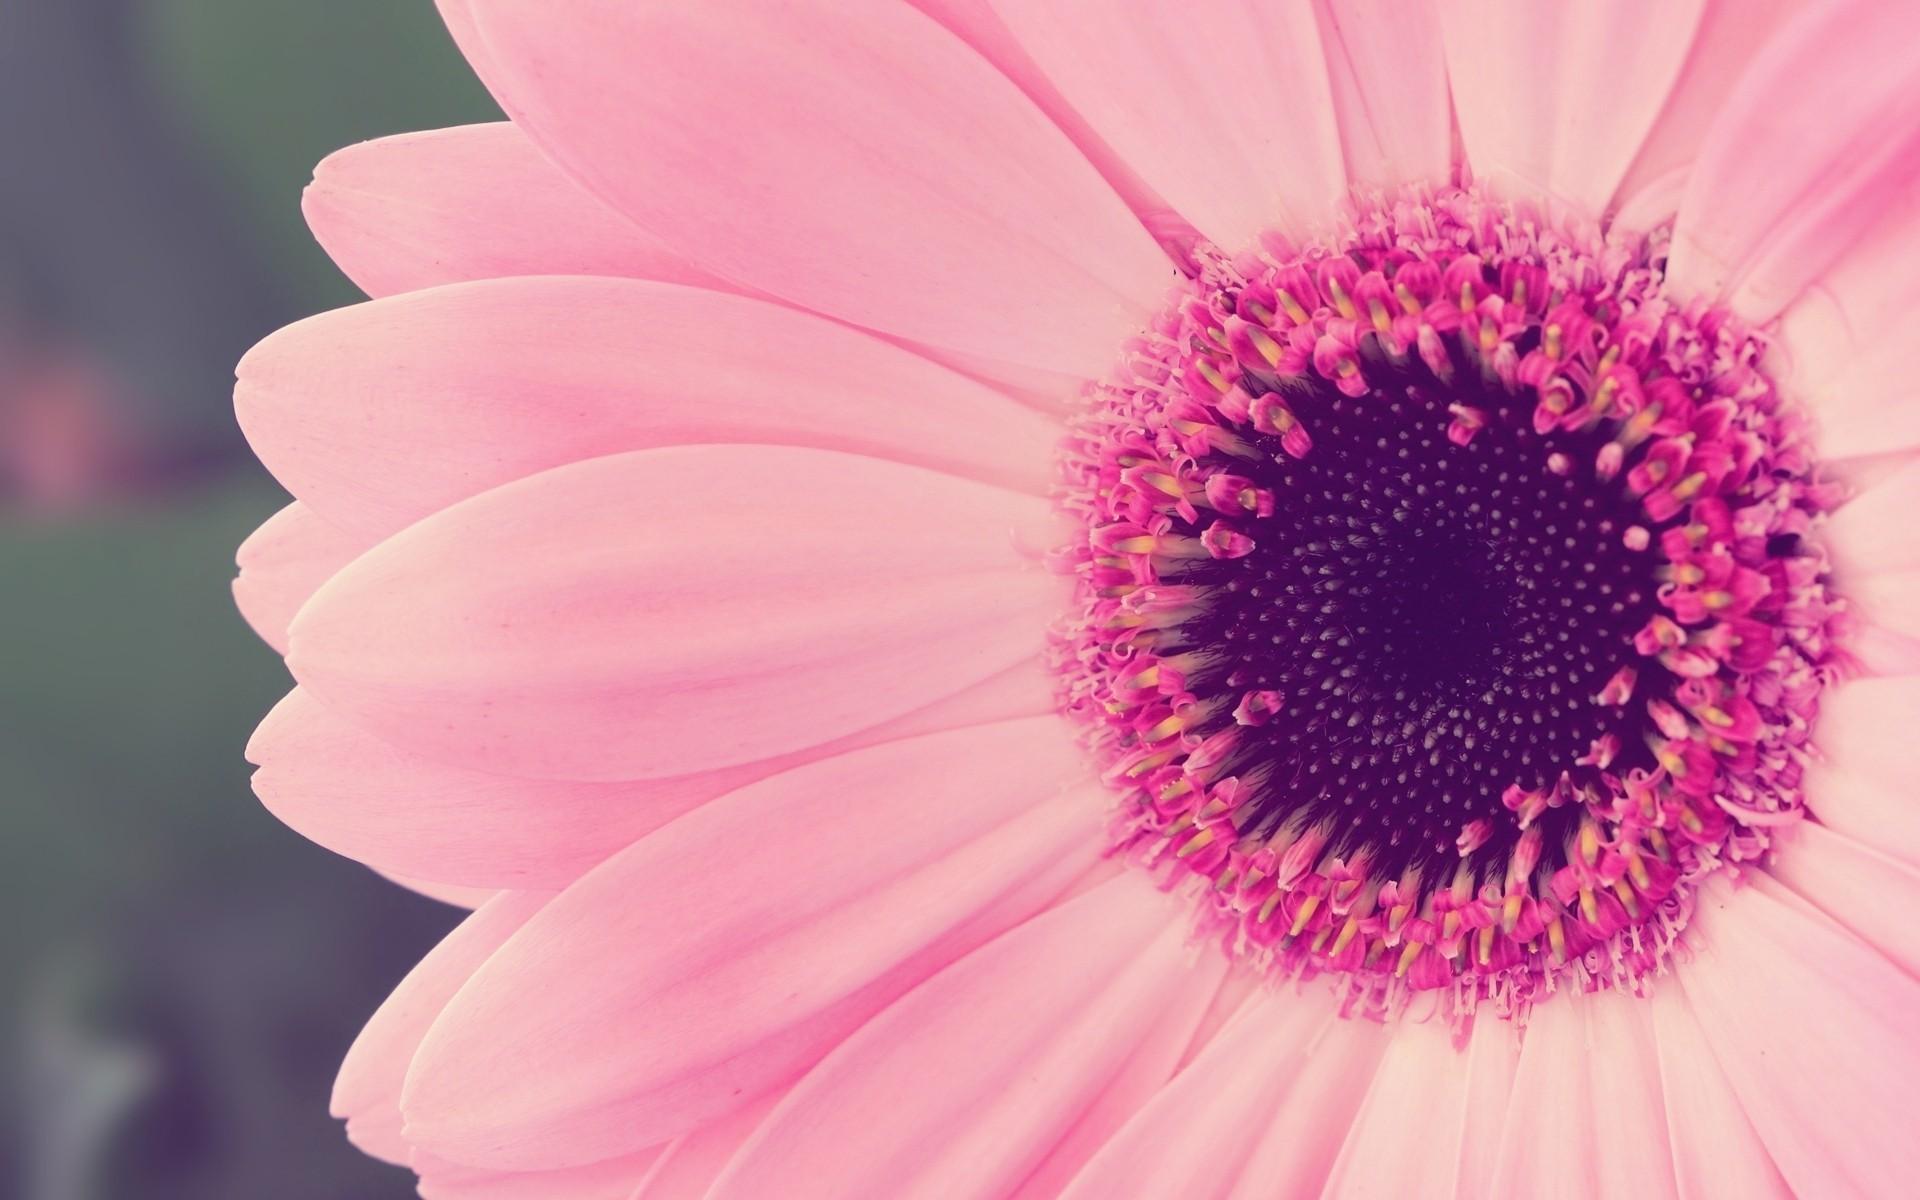 игрушки картинки рабочий стол цветочки розовым фотопечать